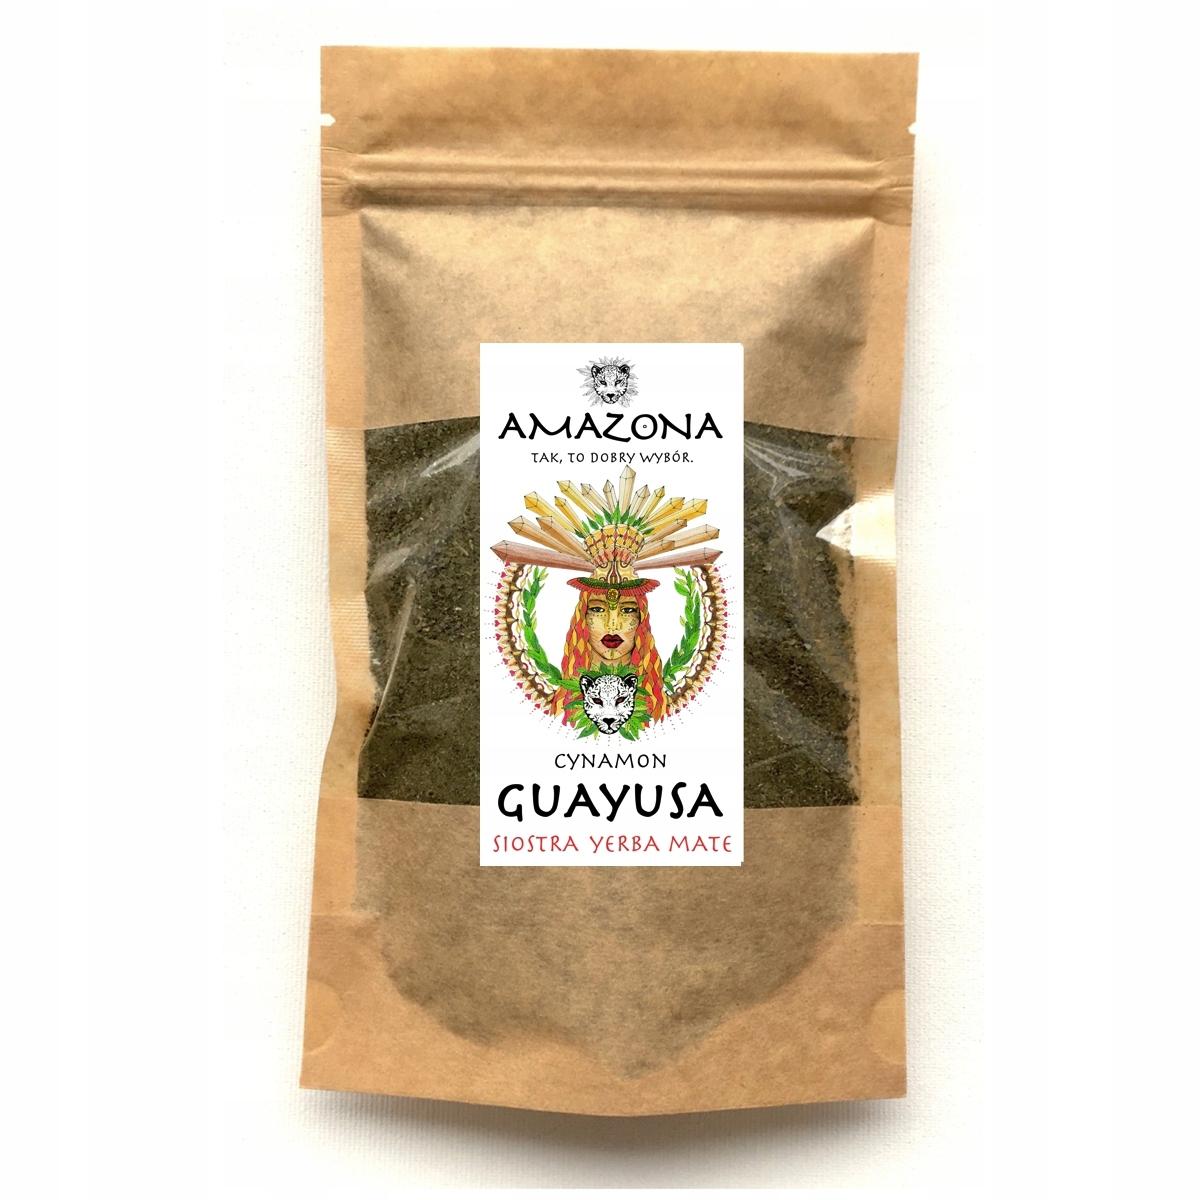 GUAYUSA CYNAMON 250g Siostra Yerba Mate AMAZONA Cechy dodatkowe niesiarkowane niski indeks glikemiczny niskotłuszczowe odpowiednie dla diety ketogenicznej raw (surowe) superfood wegańskie wegetariańskie